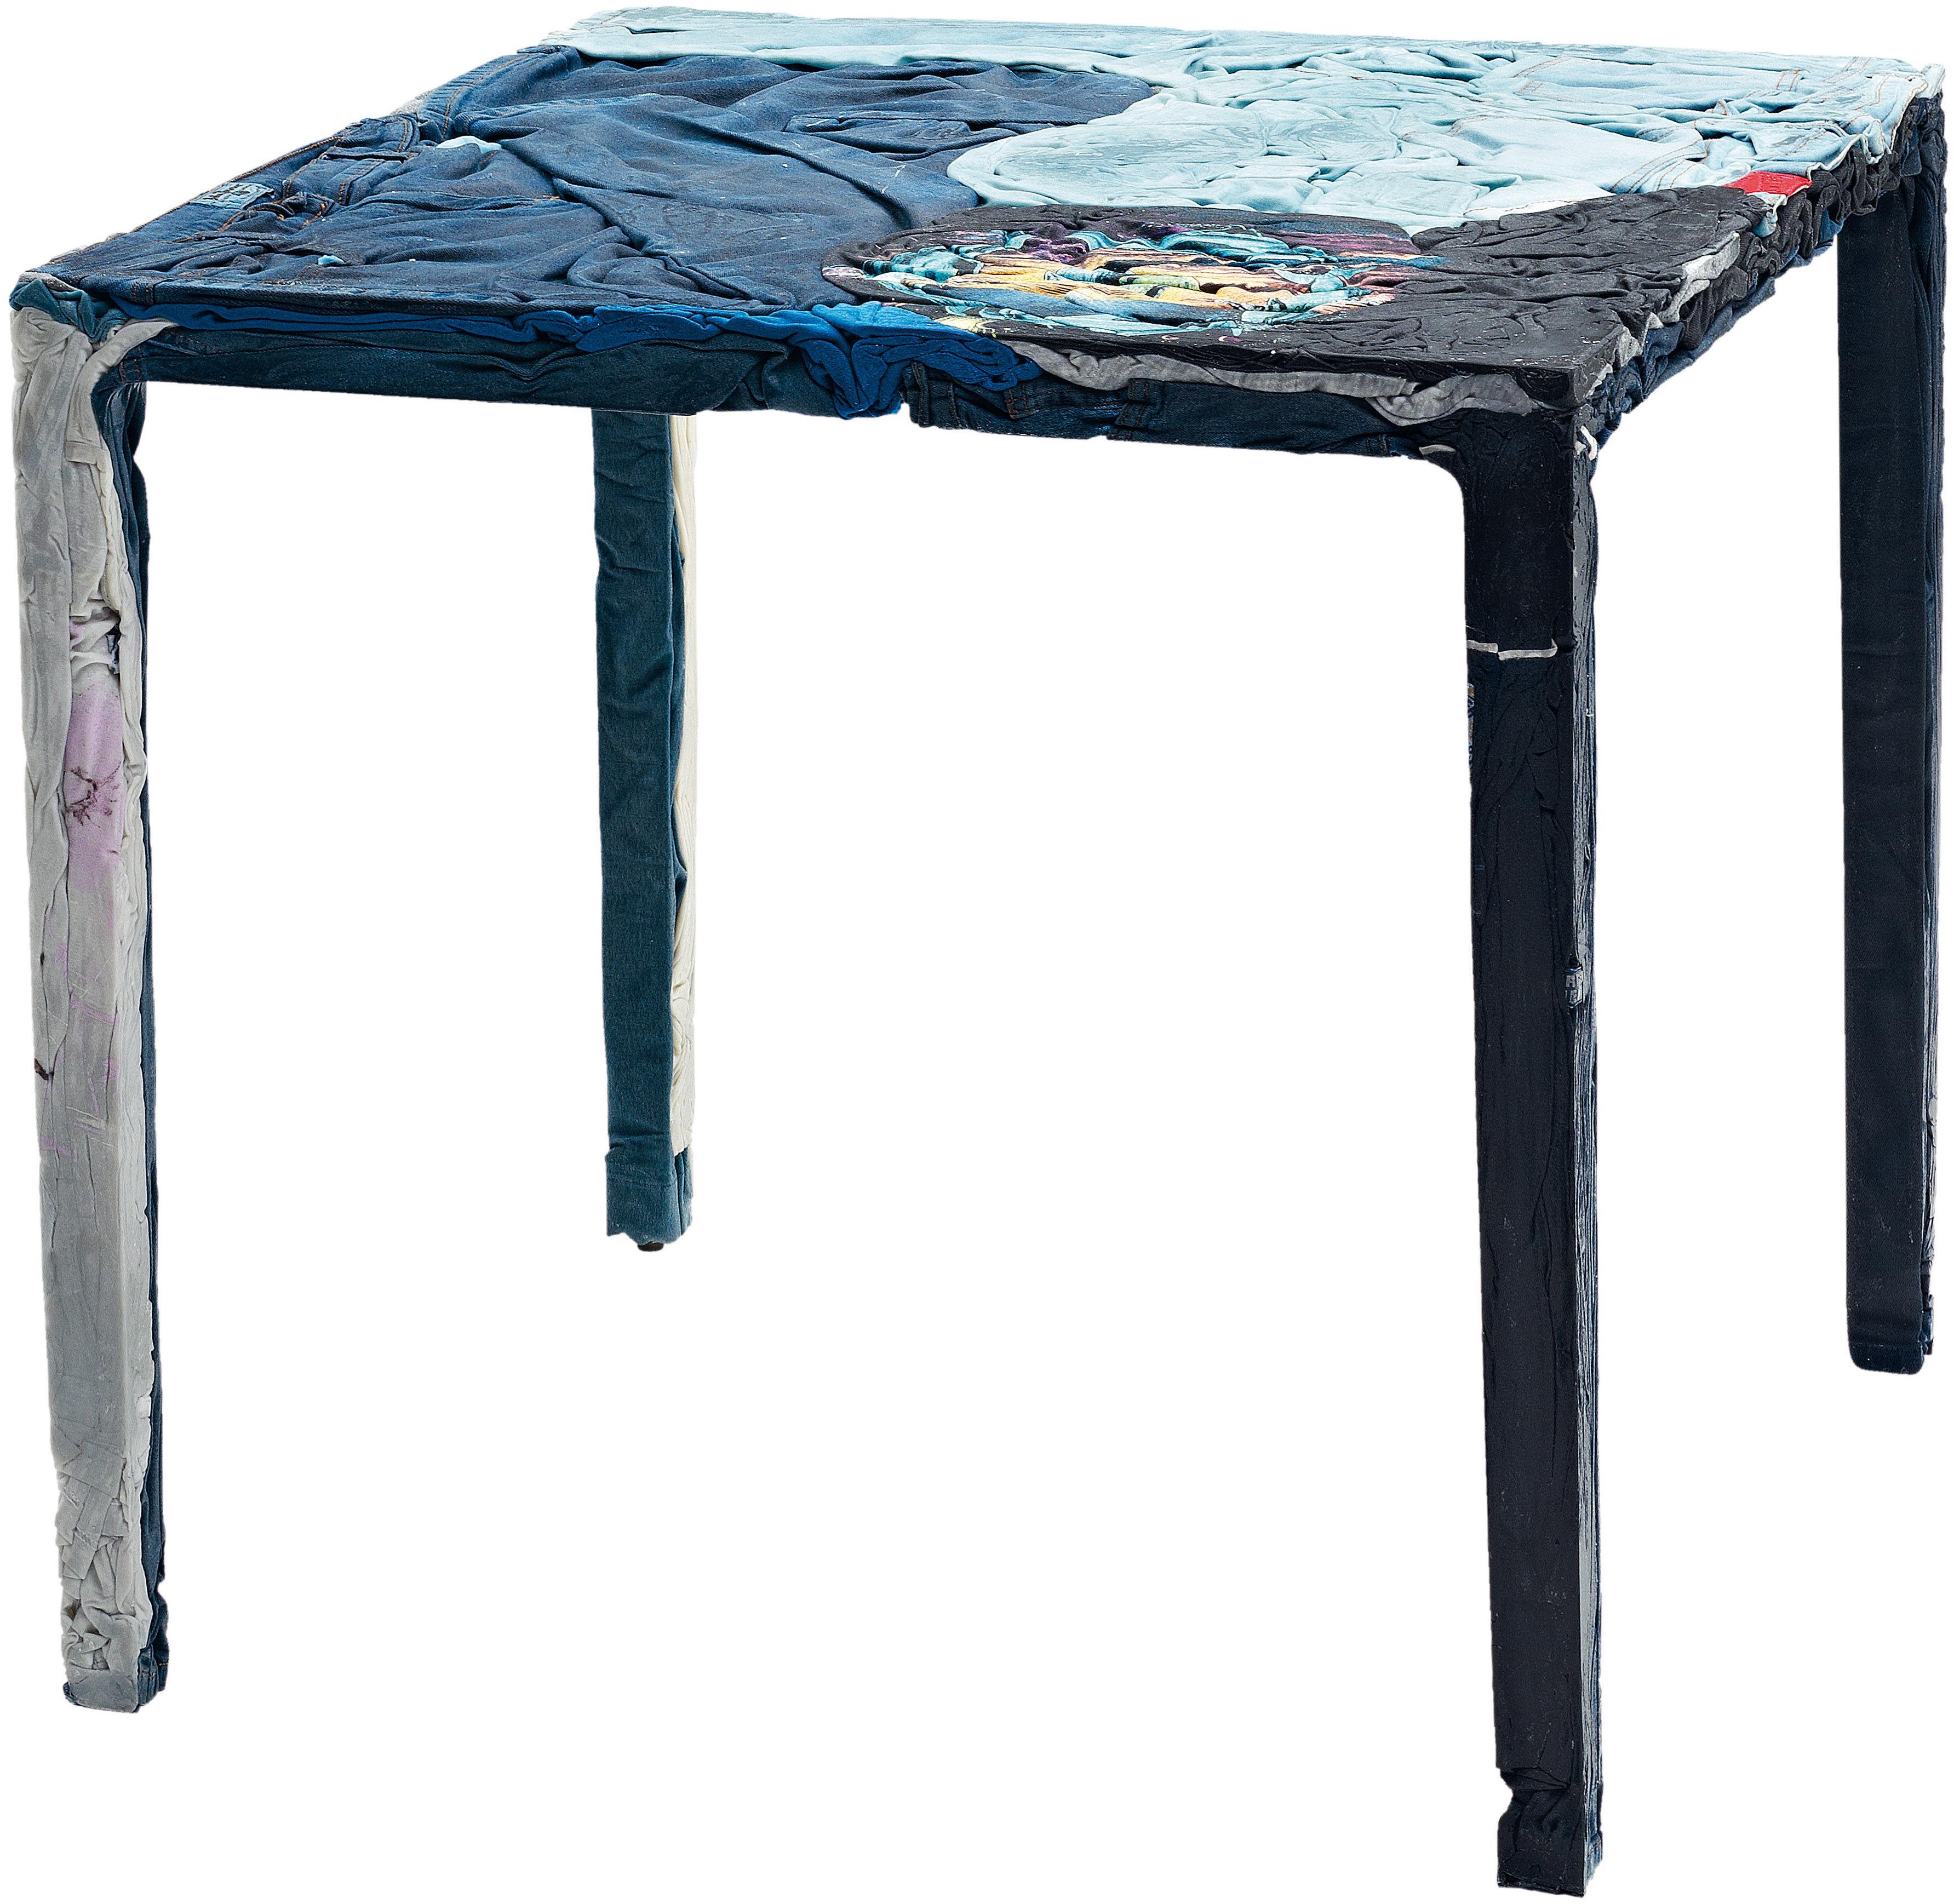 Mobilier - Tables - Table Rememberme / En jeans recyclés - Casamania - Table tons bleus - Jeans recyclés